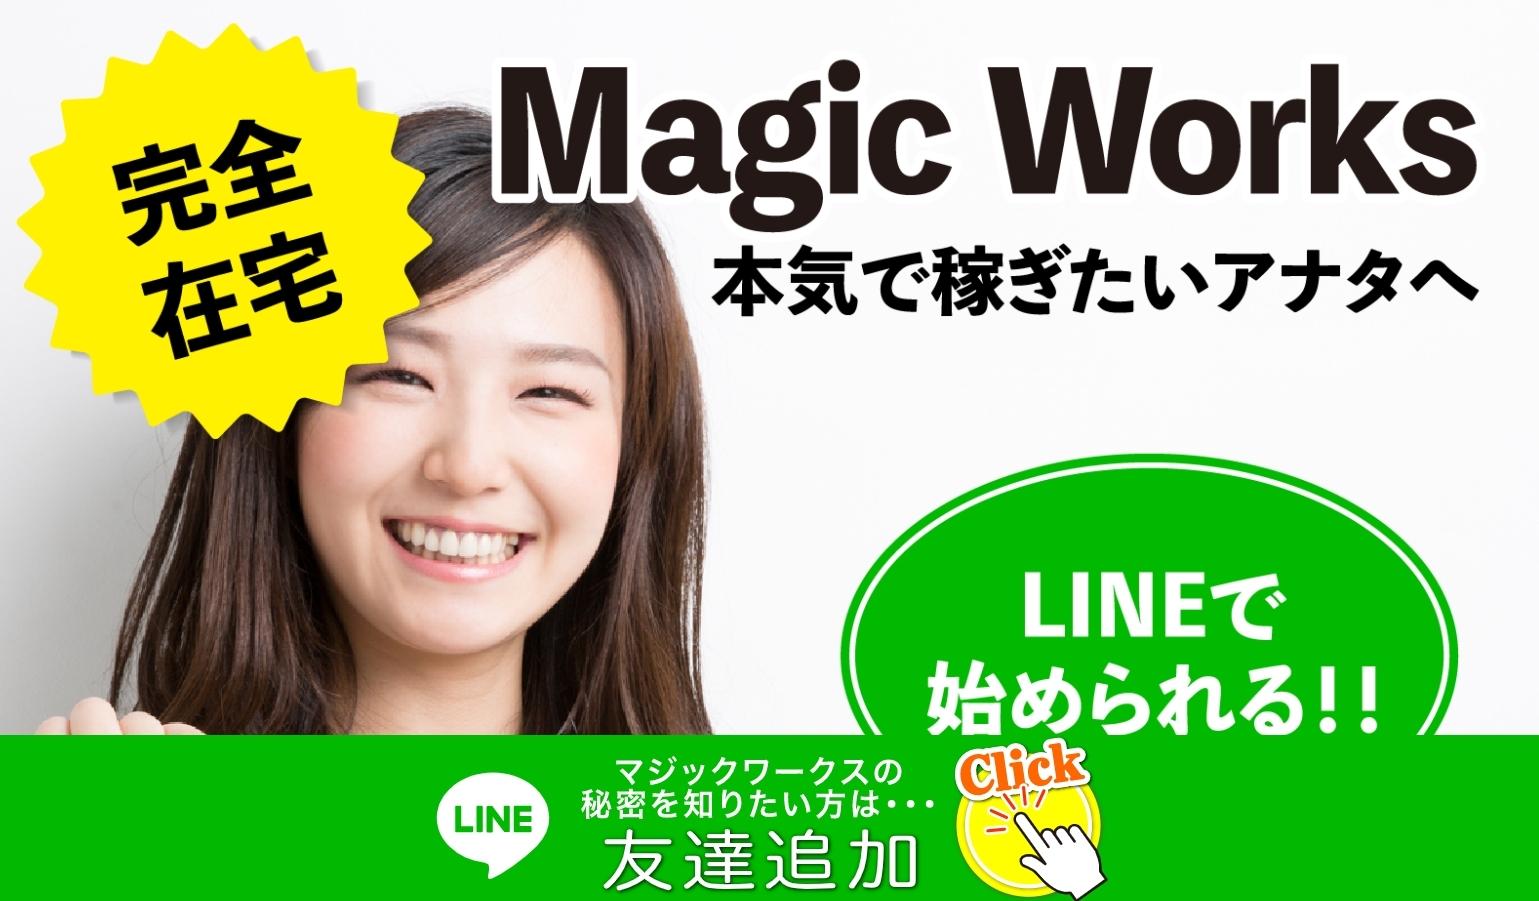 マジックワークス(Magic Works)は高額FXツール販売が目的のため登録は危険!